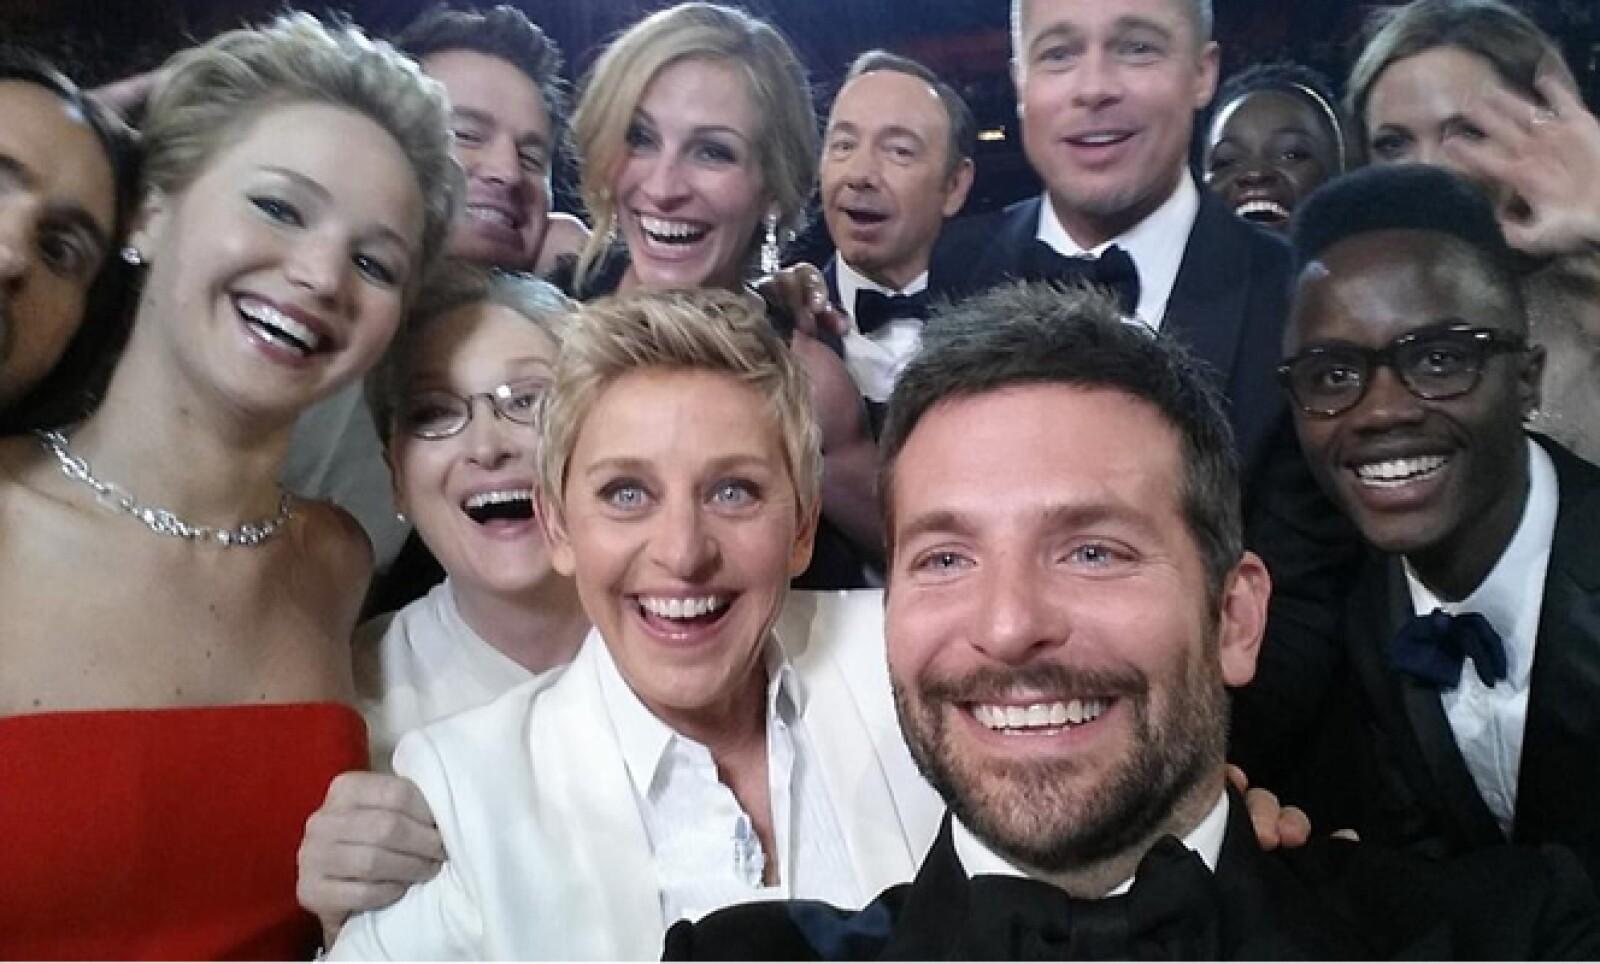 La foto original, que desató la moda por las 'selfies'. En la imagen salen actores como Bradley Cooper, Brad Pitt, y Kevin Spacey.